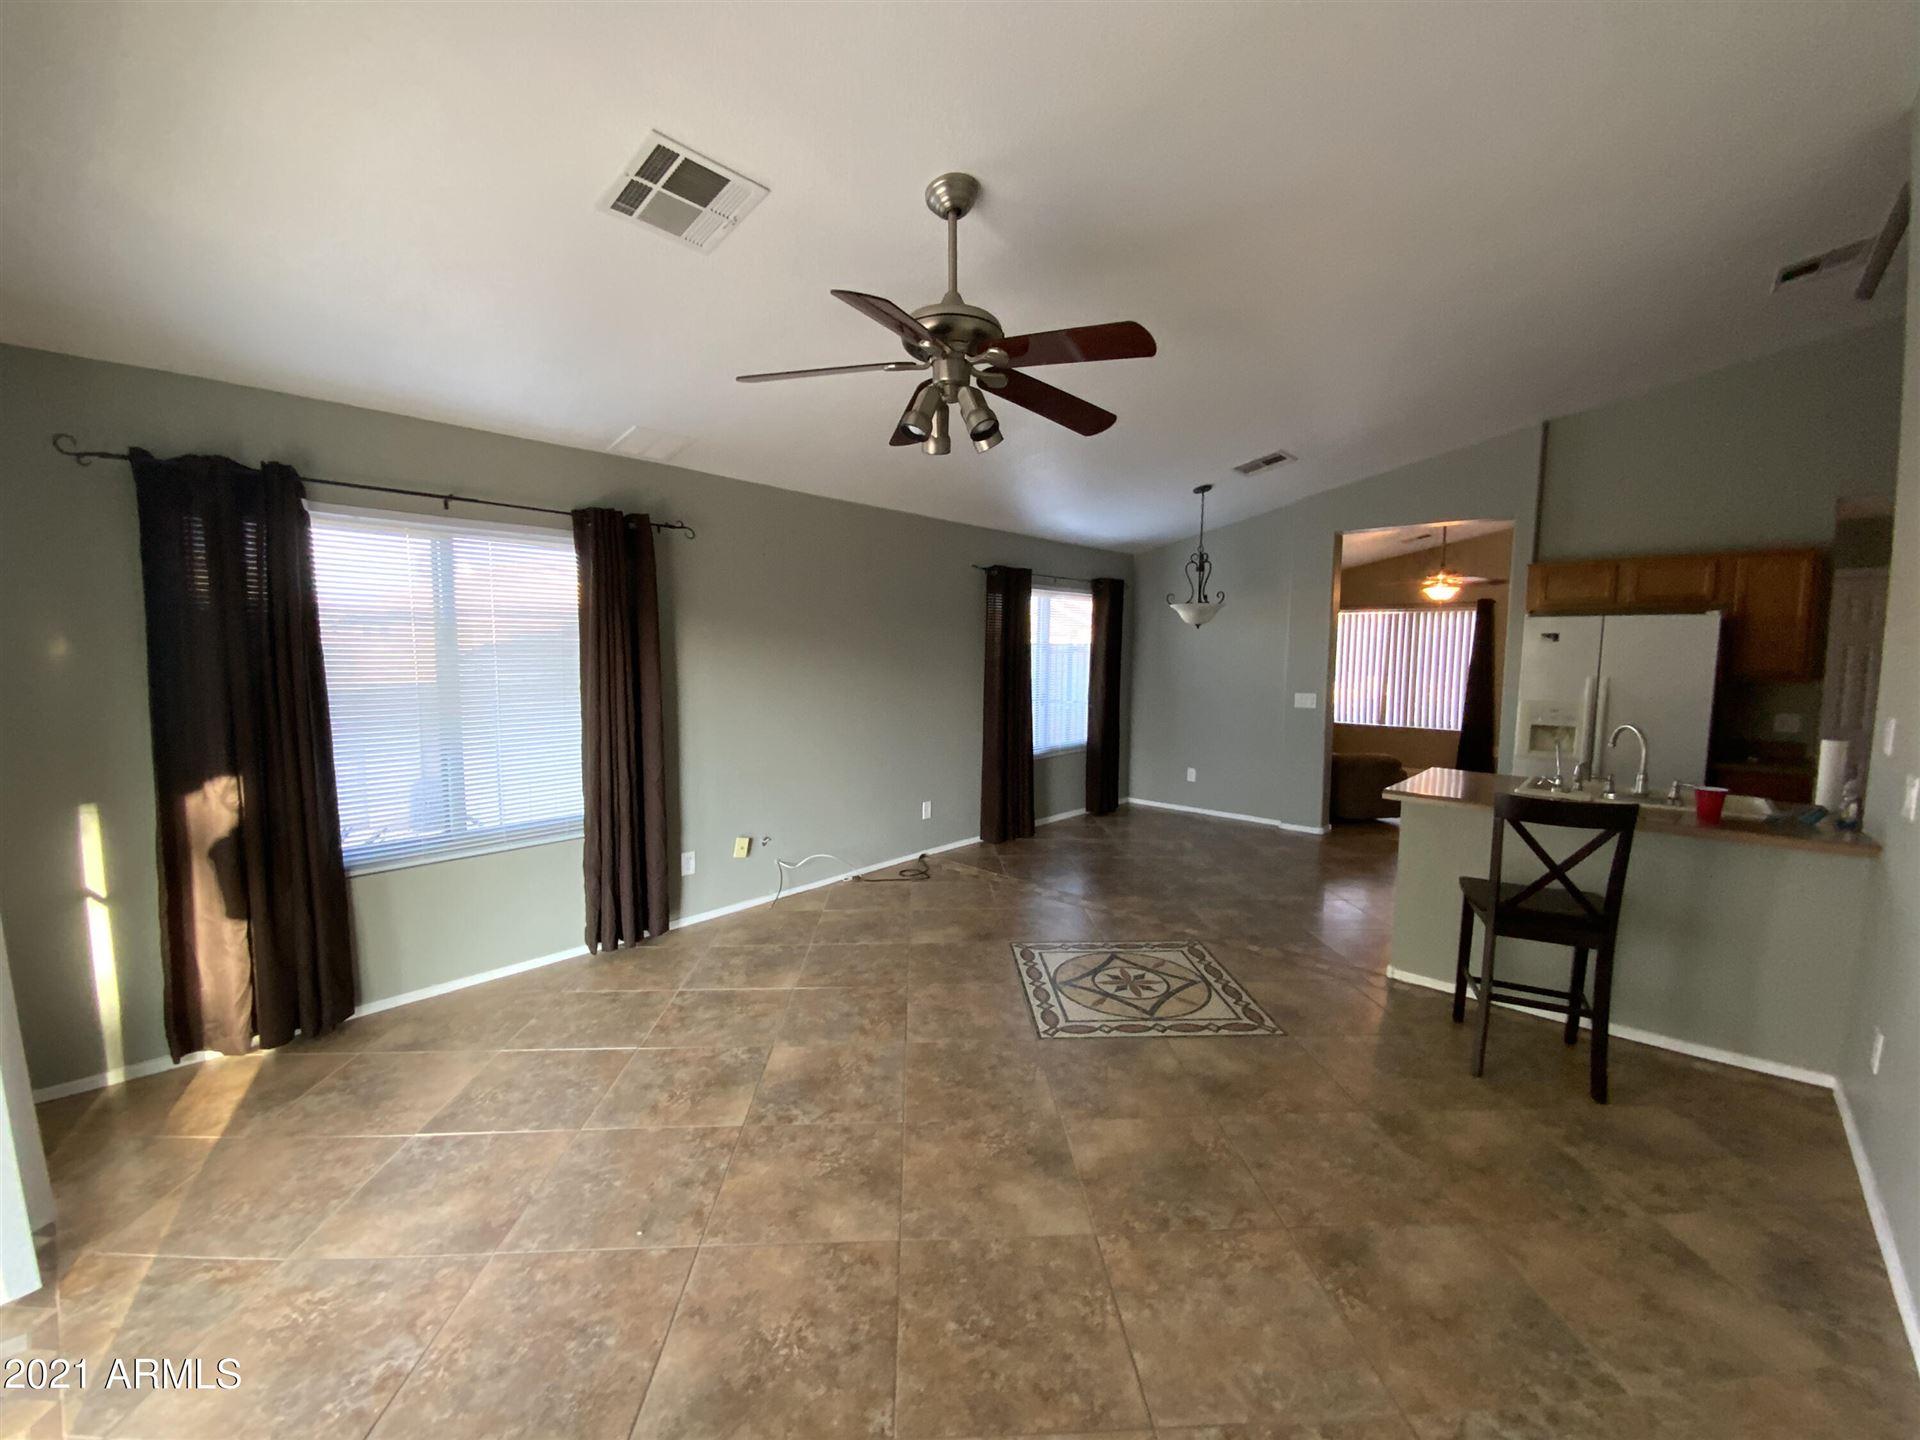 Photo of 859 E SANTA CRUZ Lane, Apache Junction, AZ 85119 (MLS # 6304663)